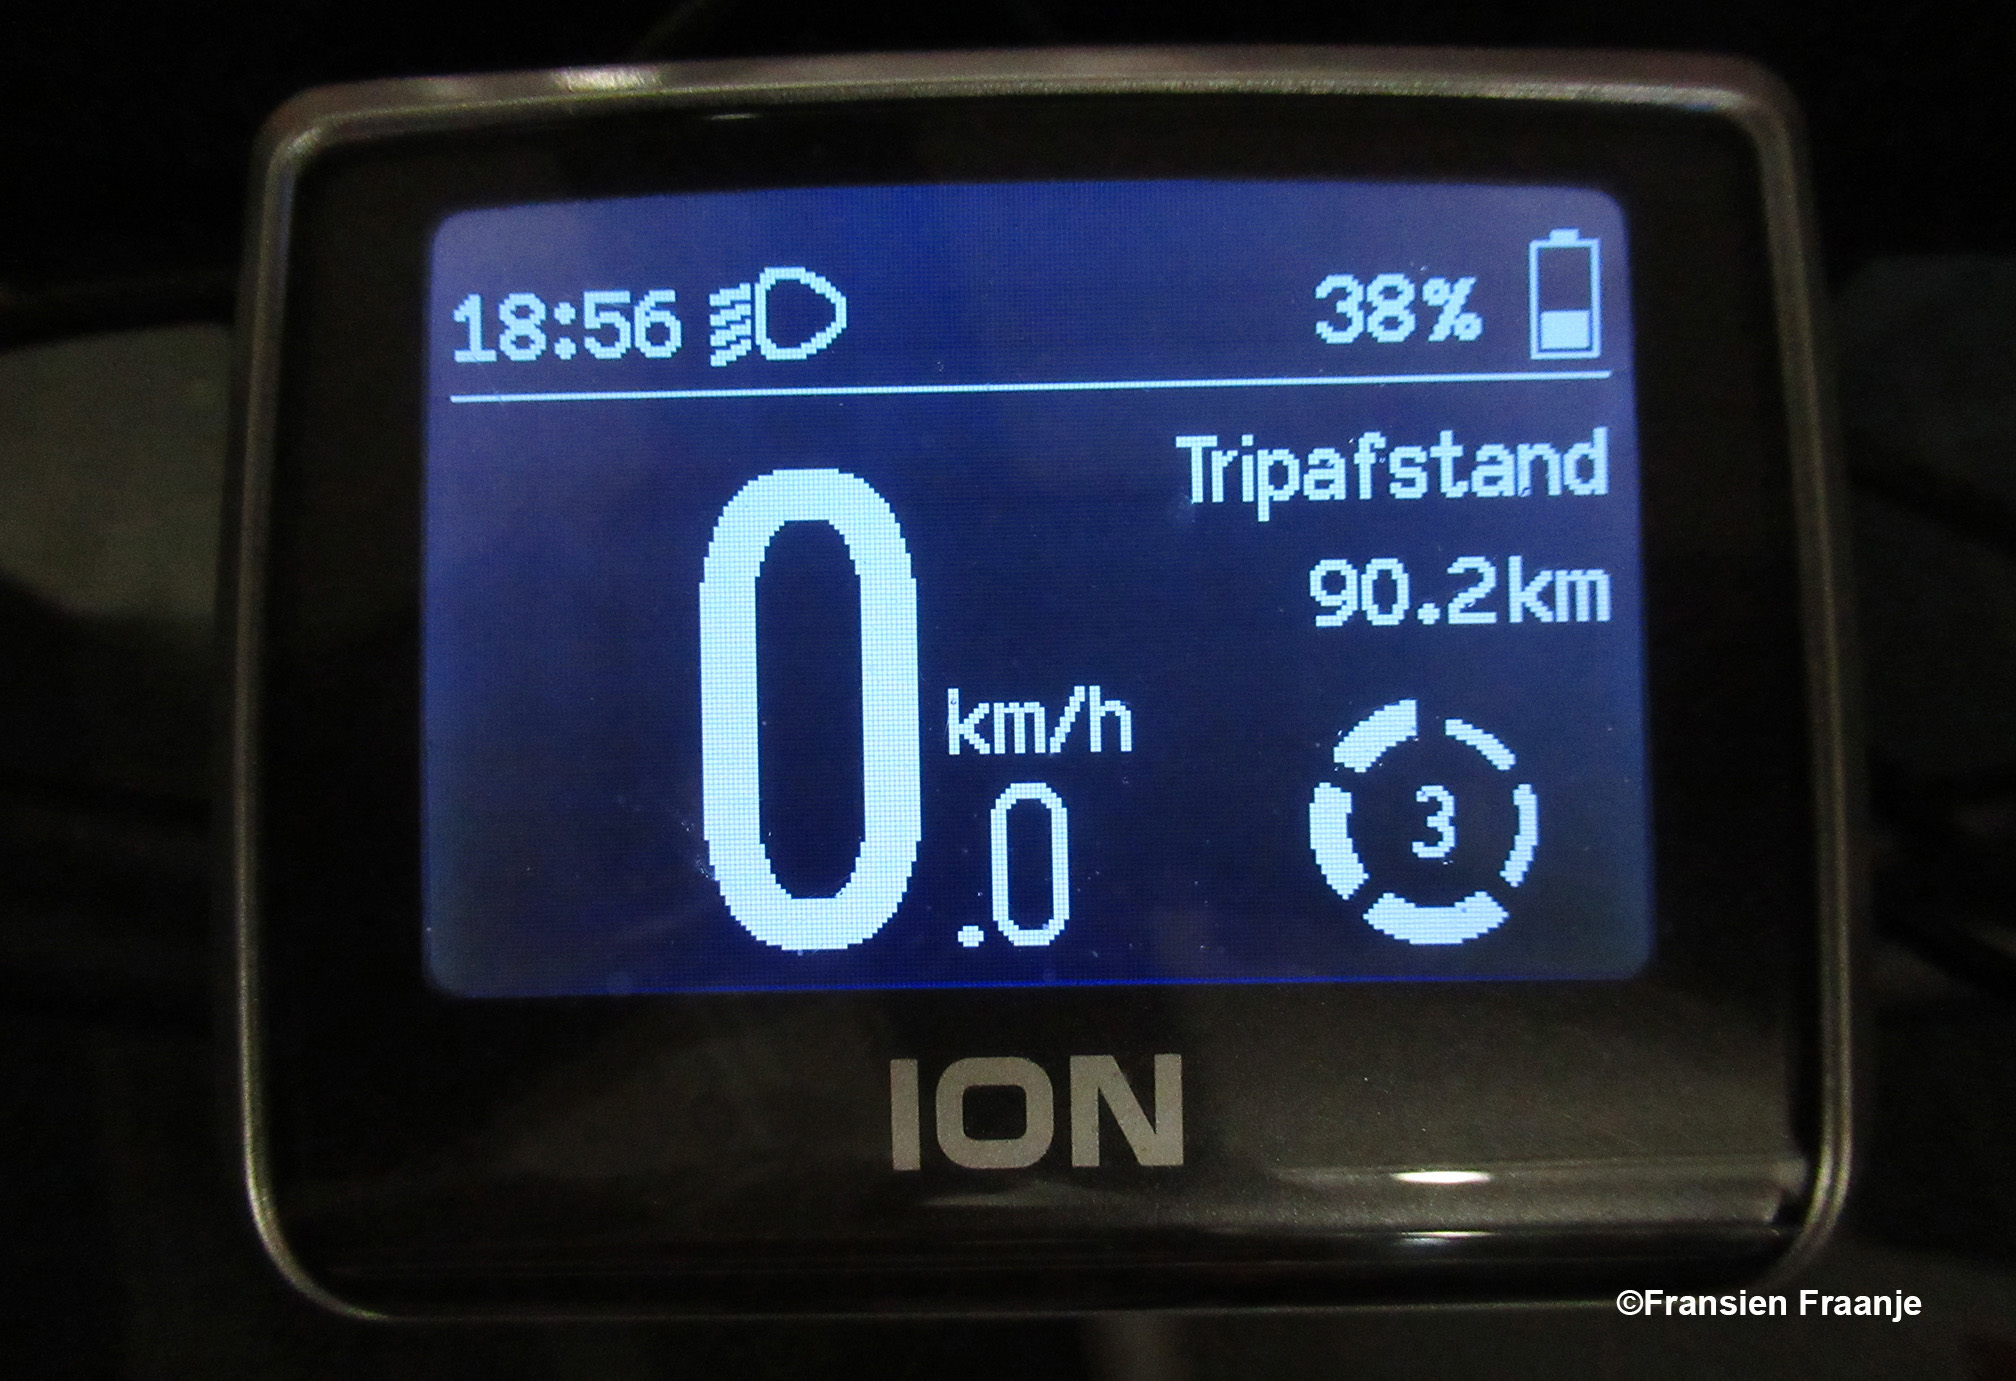 En aan het einde van de rit stond de teller op 90.2 kilometer. Zo dat was een hele rit, maar we hebben genoten! - Foto: ©Fransien Fraanje